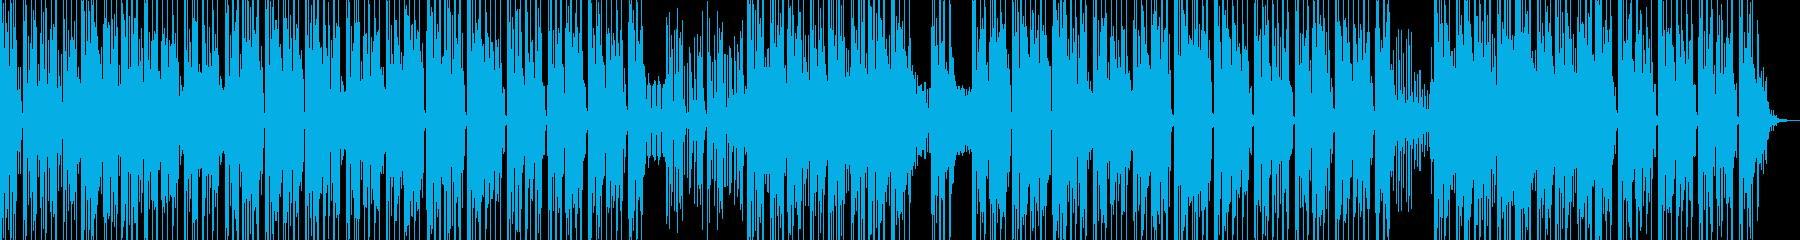 三味線・妖艶なアジアンポップ Lの再生済みの波形